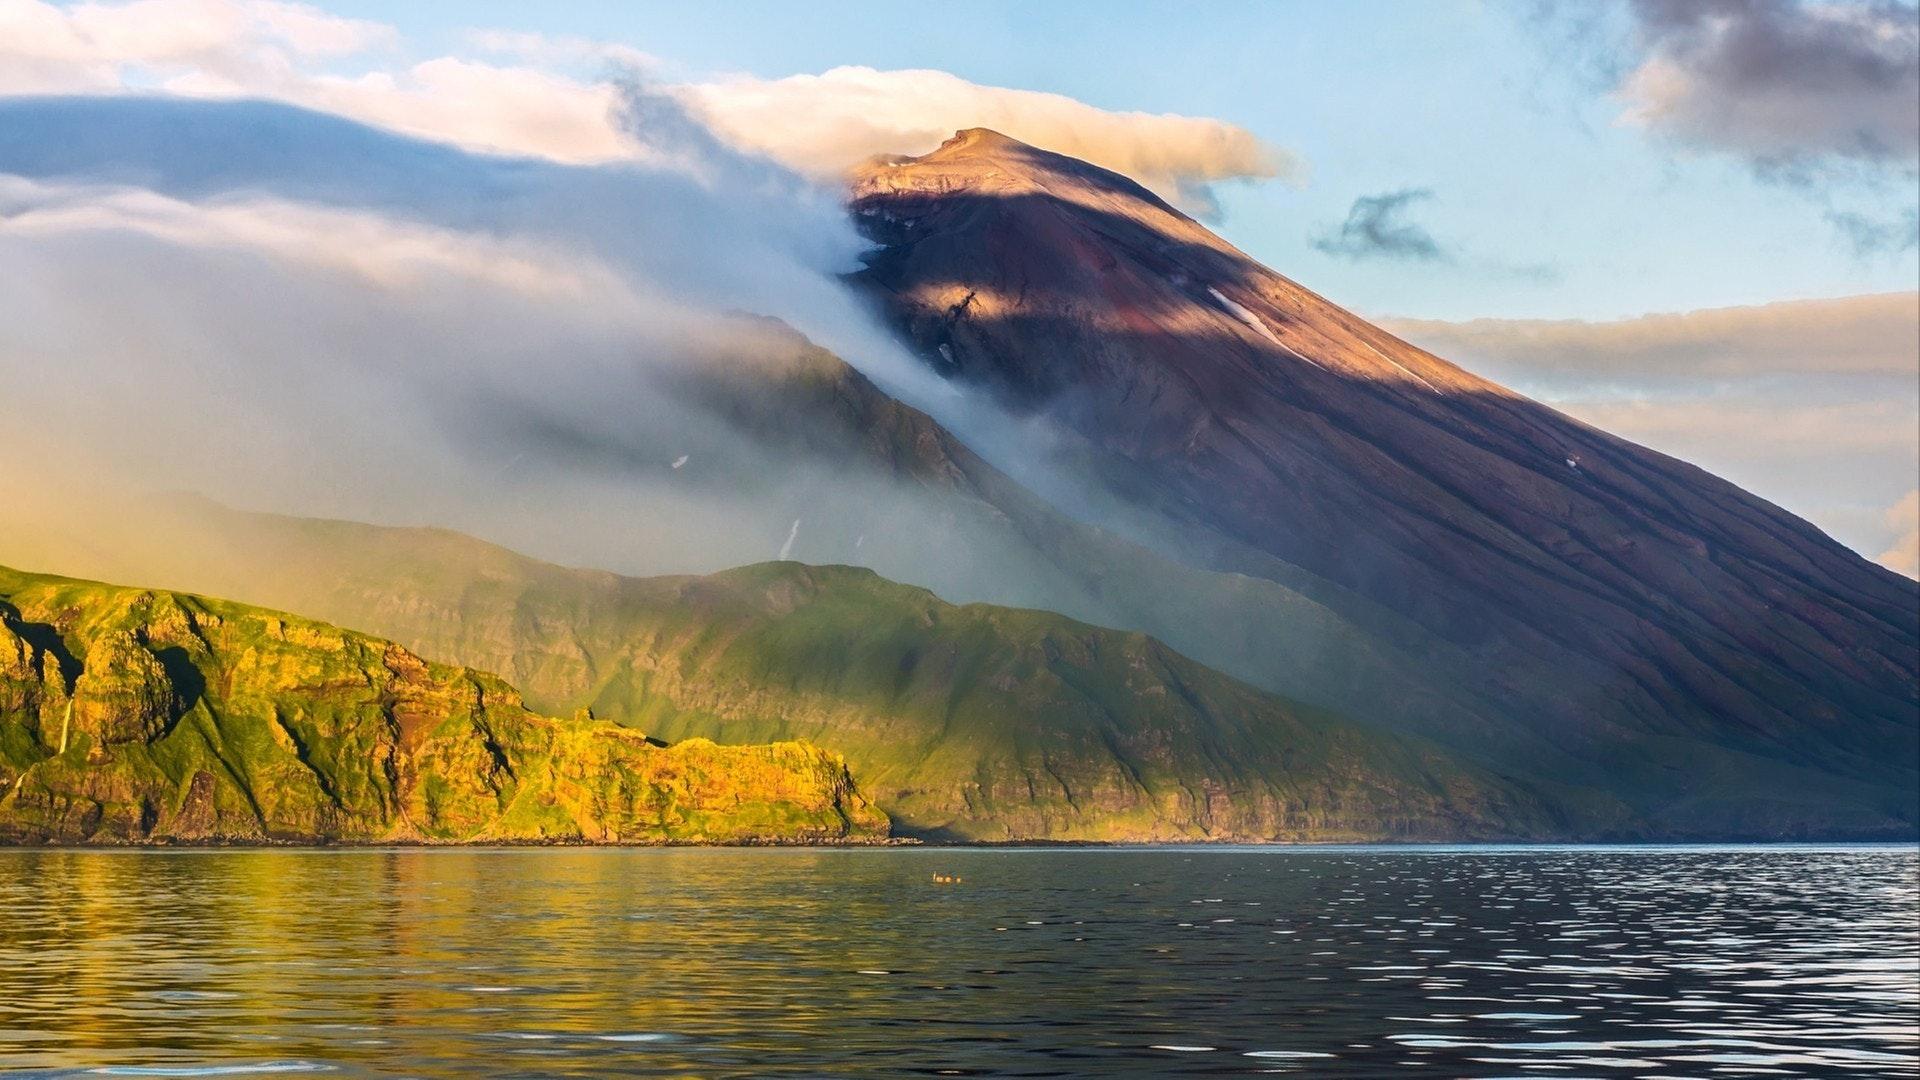 Guia de aluguel de iate de luxo para o sudoeste do Alasca